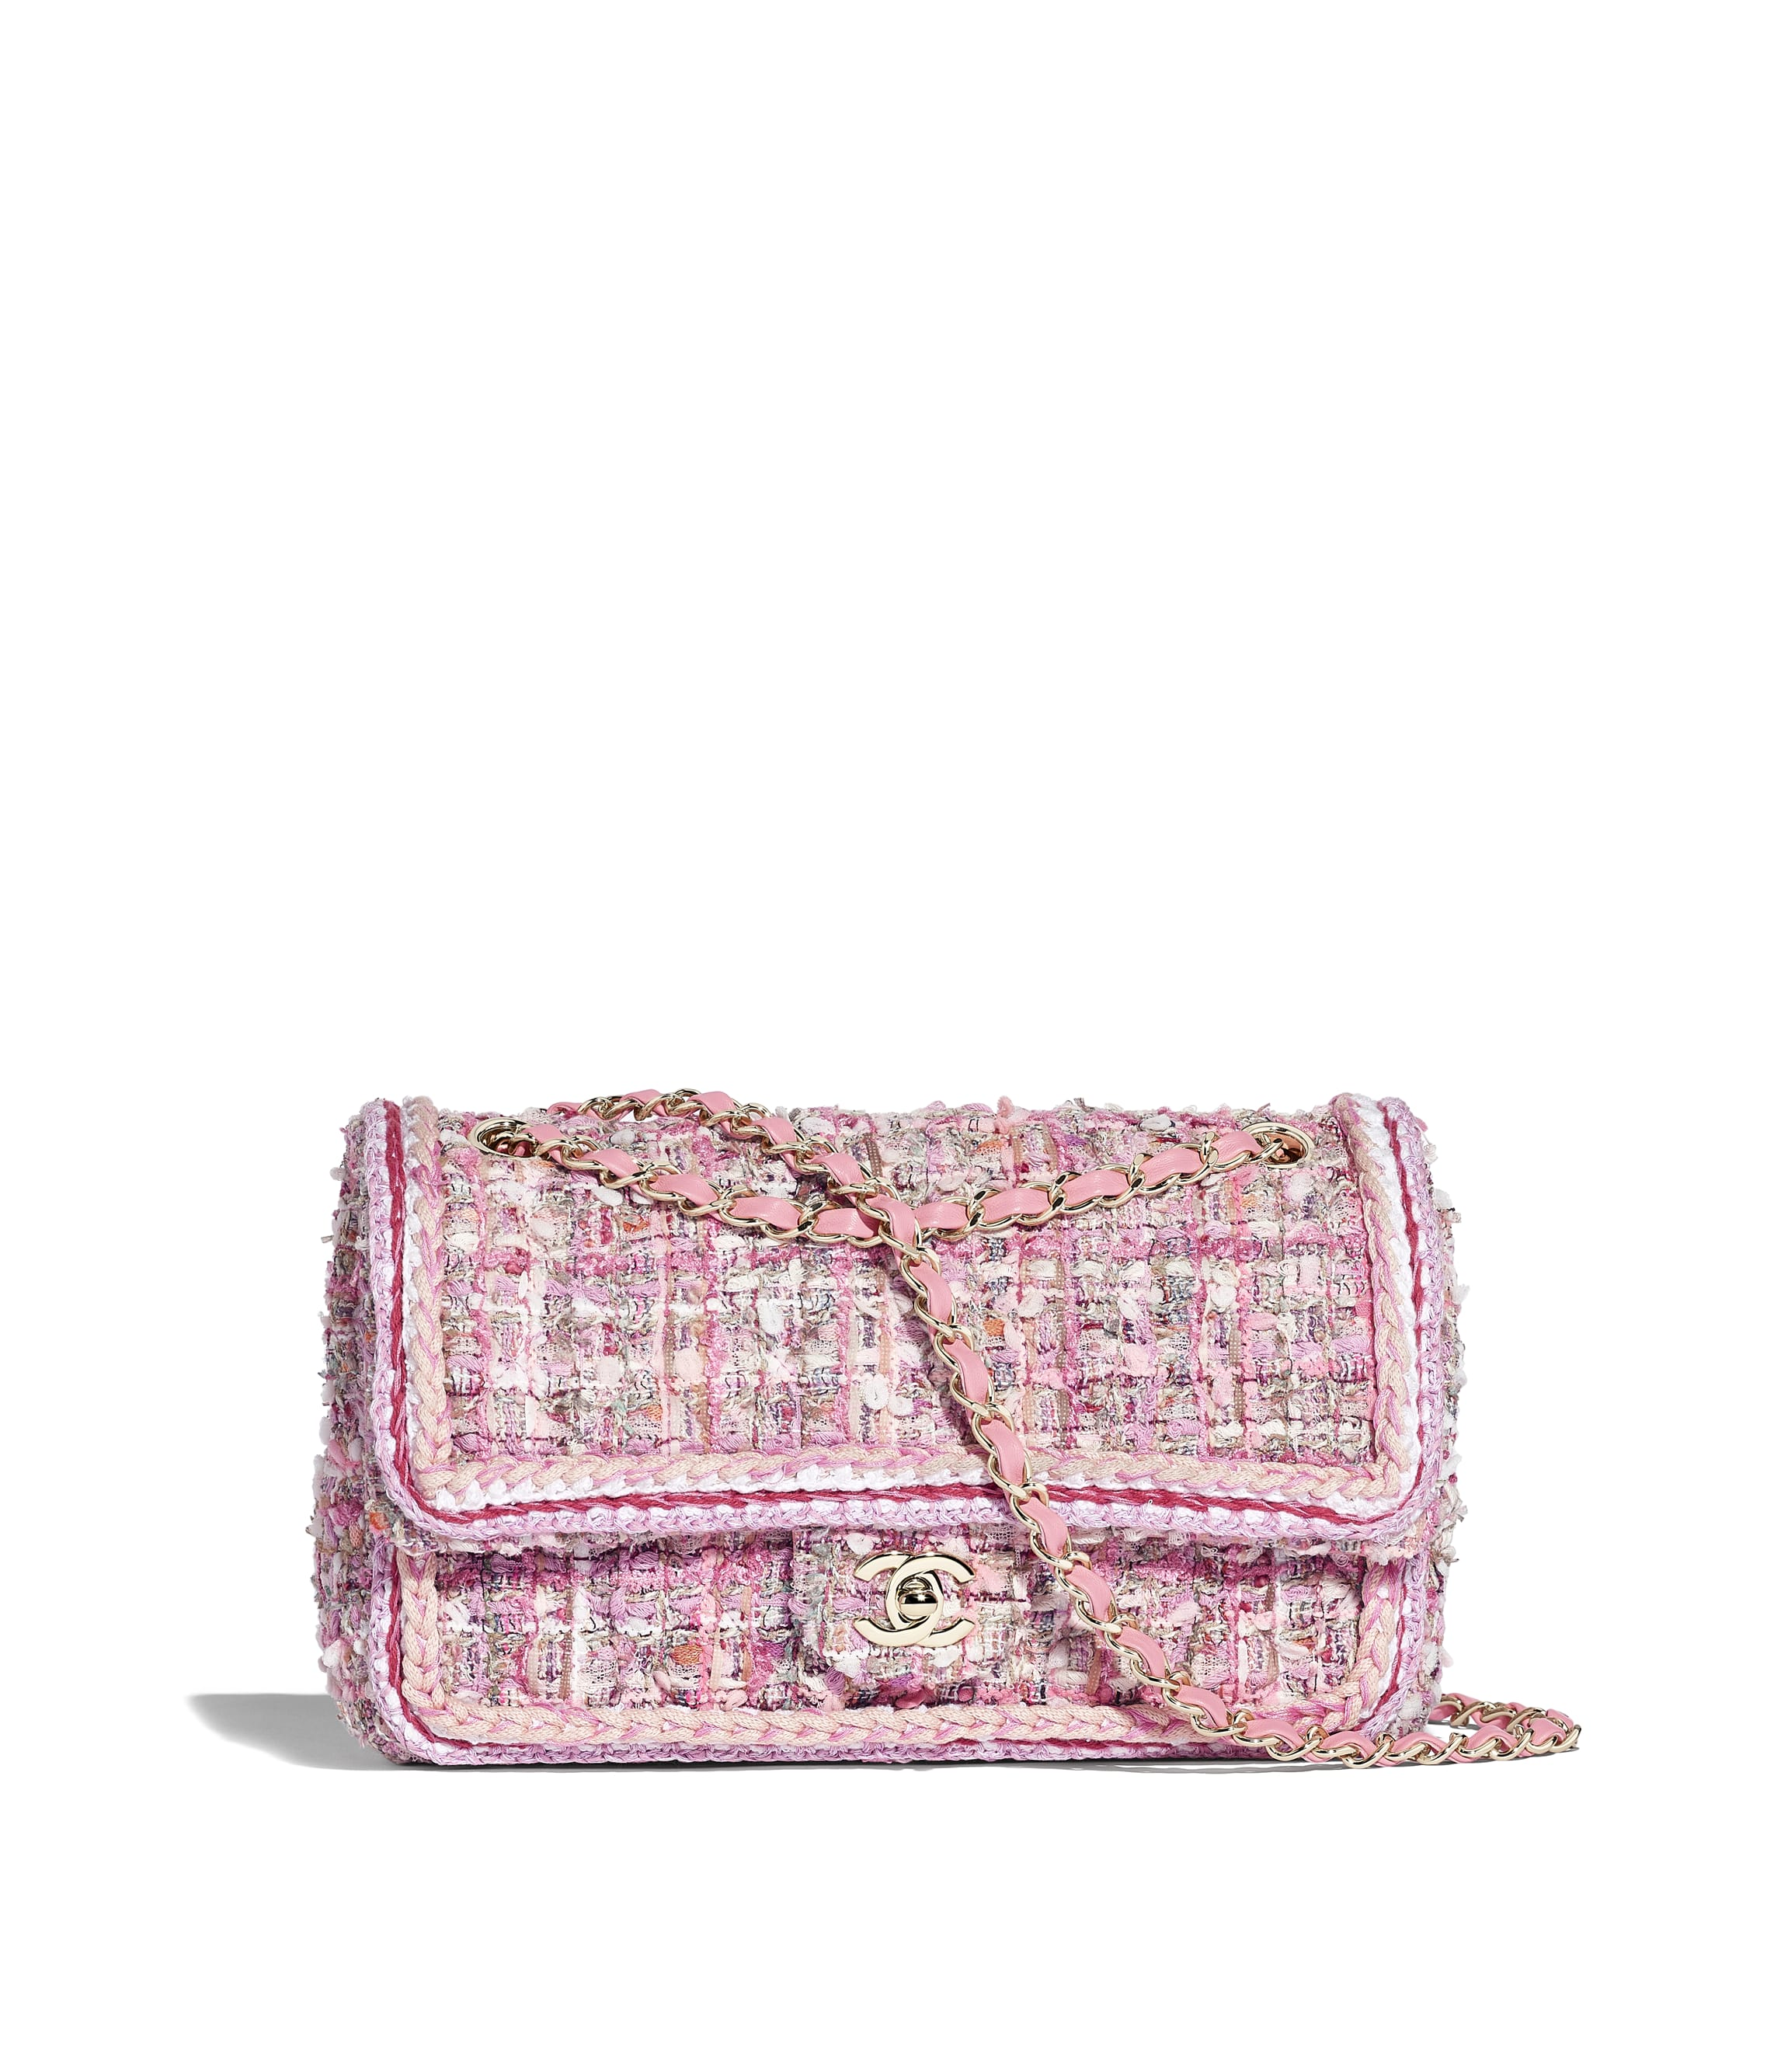 59e982255bc601 Classic Handbags - Handbags - CHANEL